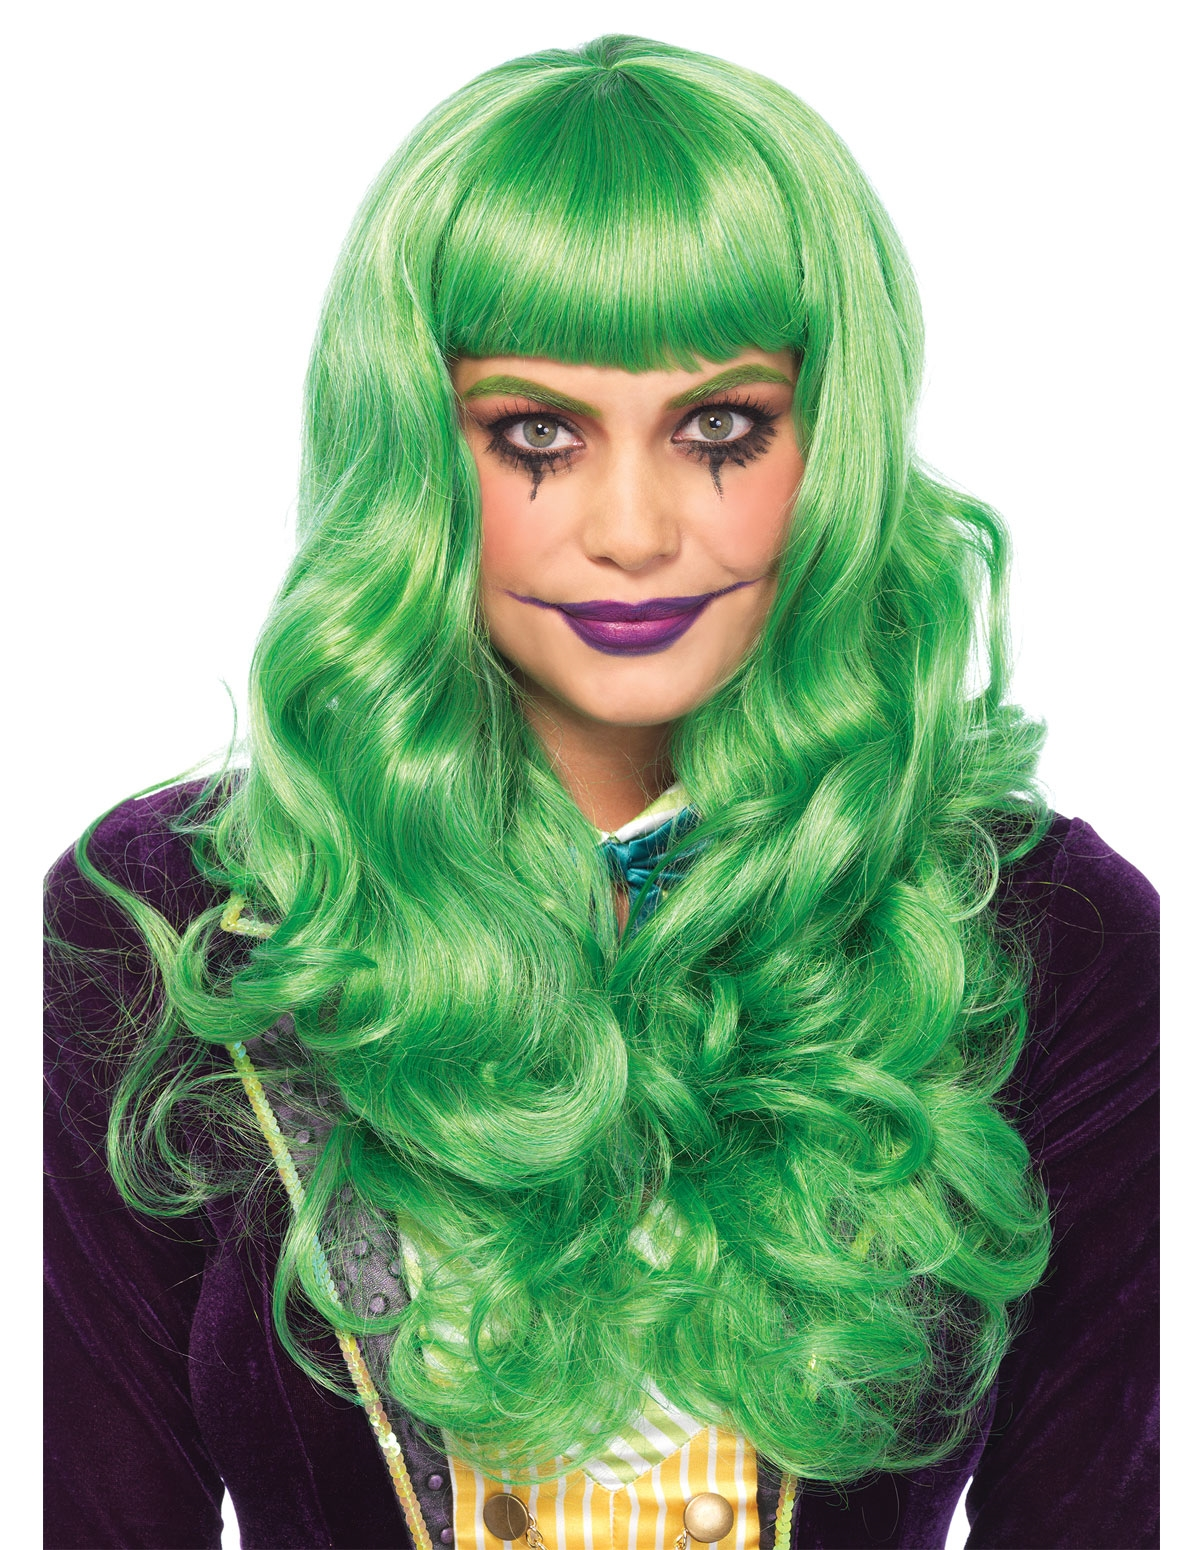 alternate image for Misfit Wig